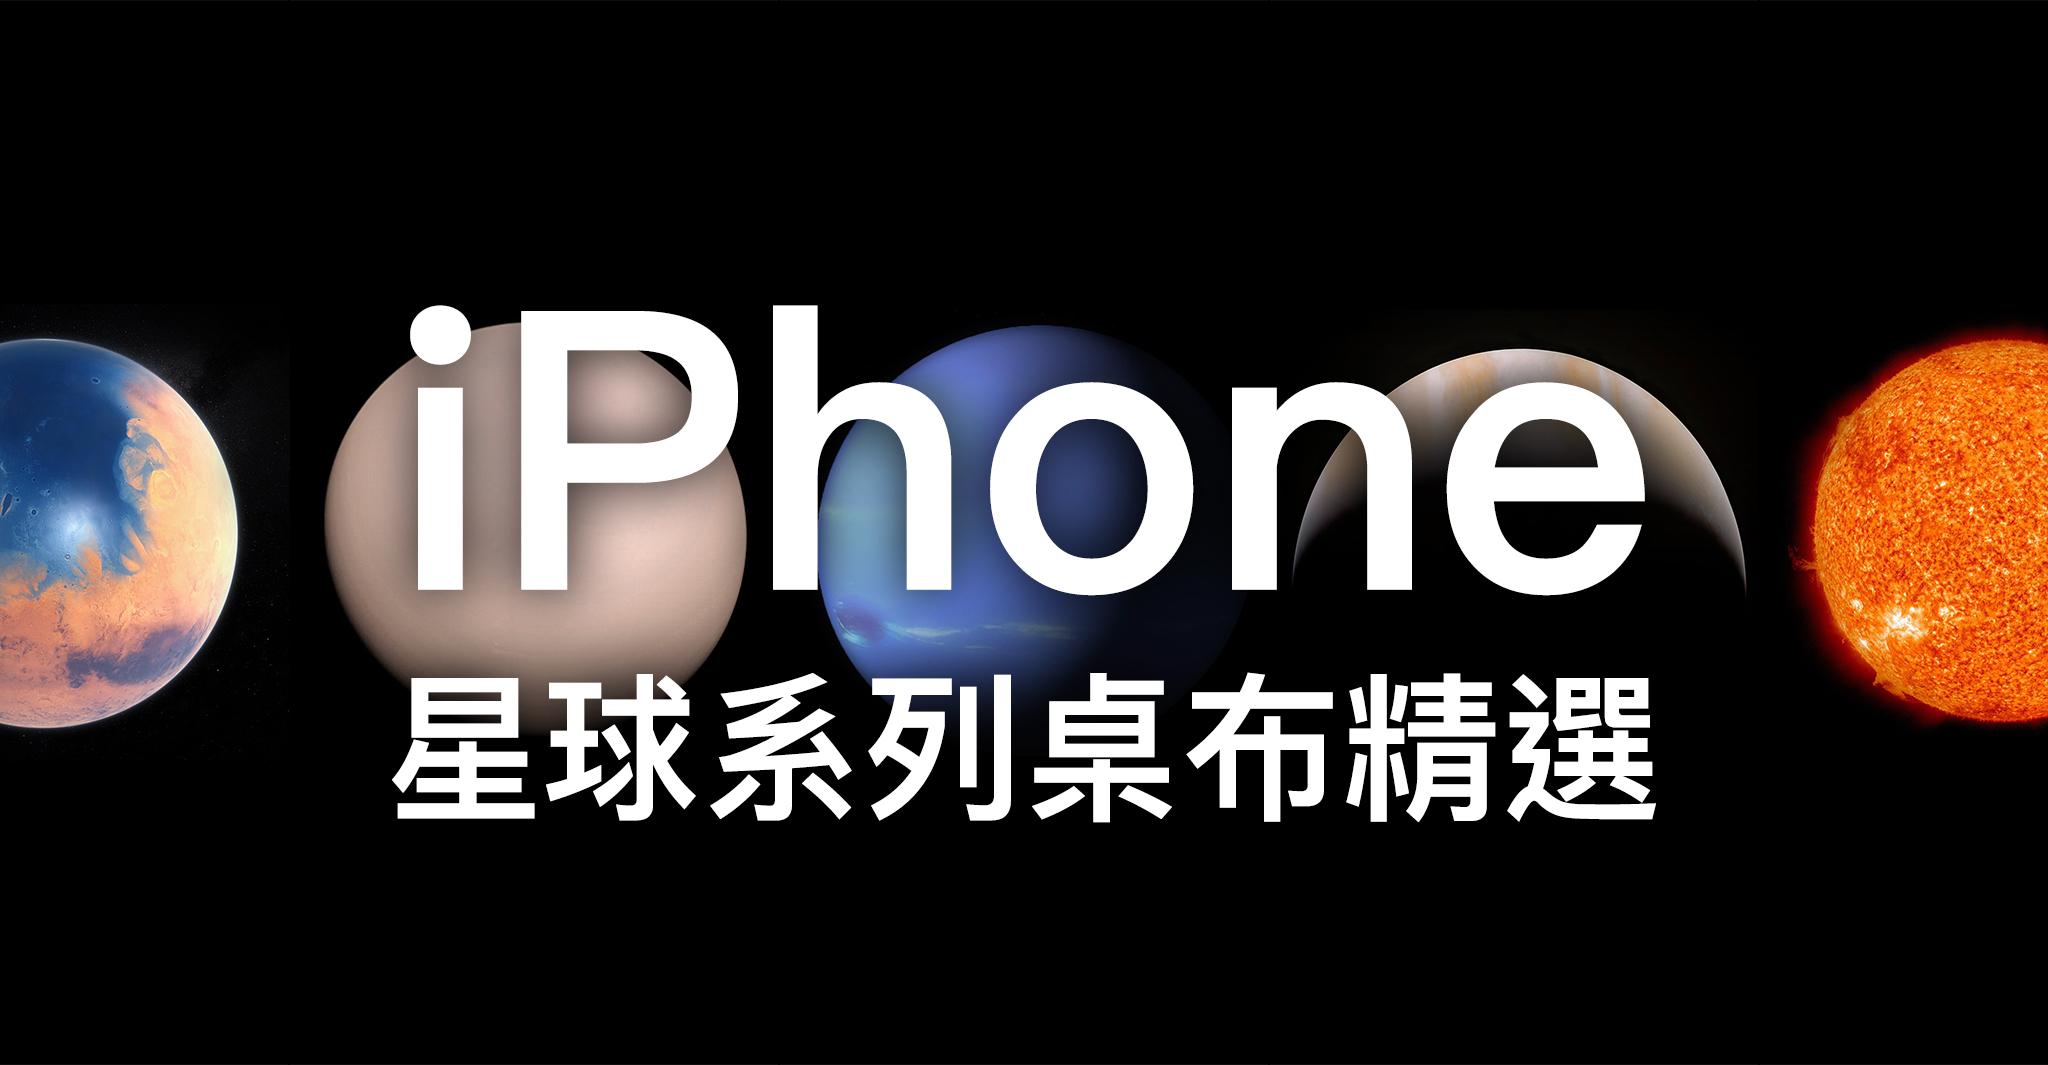 iPhone X 桌布、iPhone 桌布、星球桌布